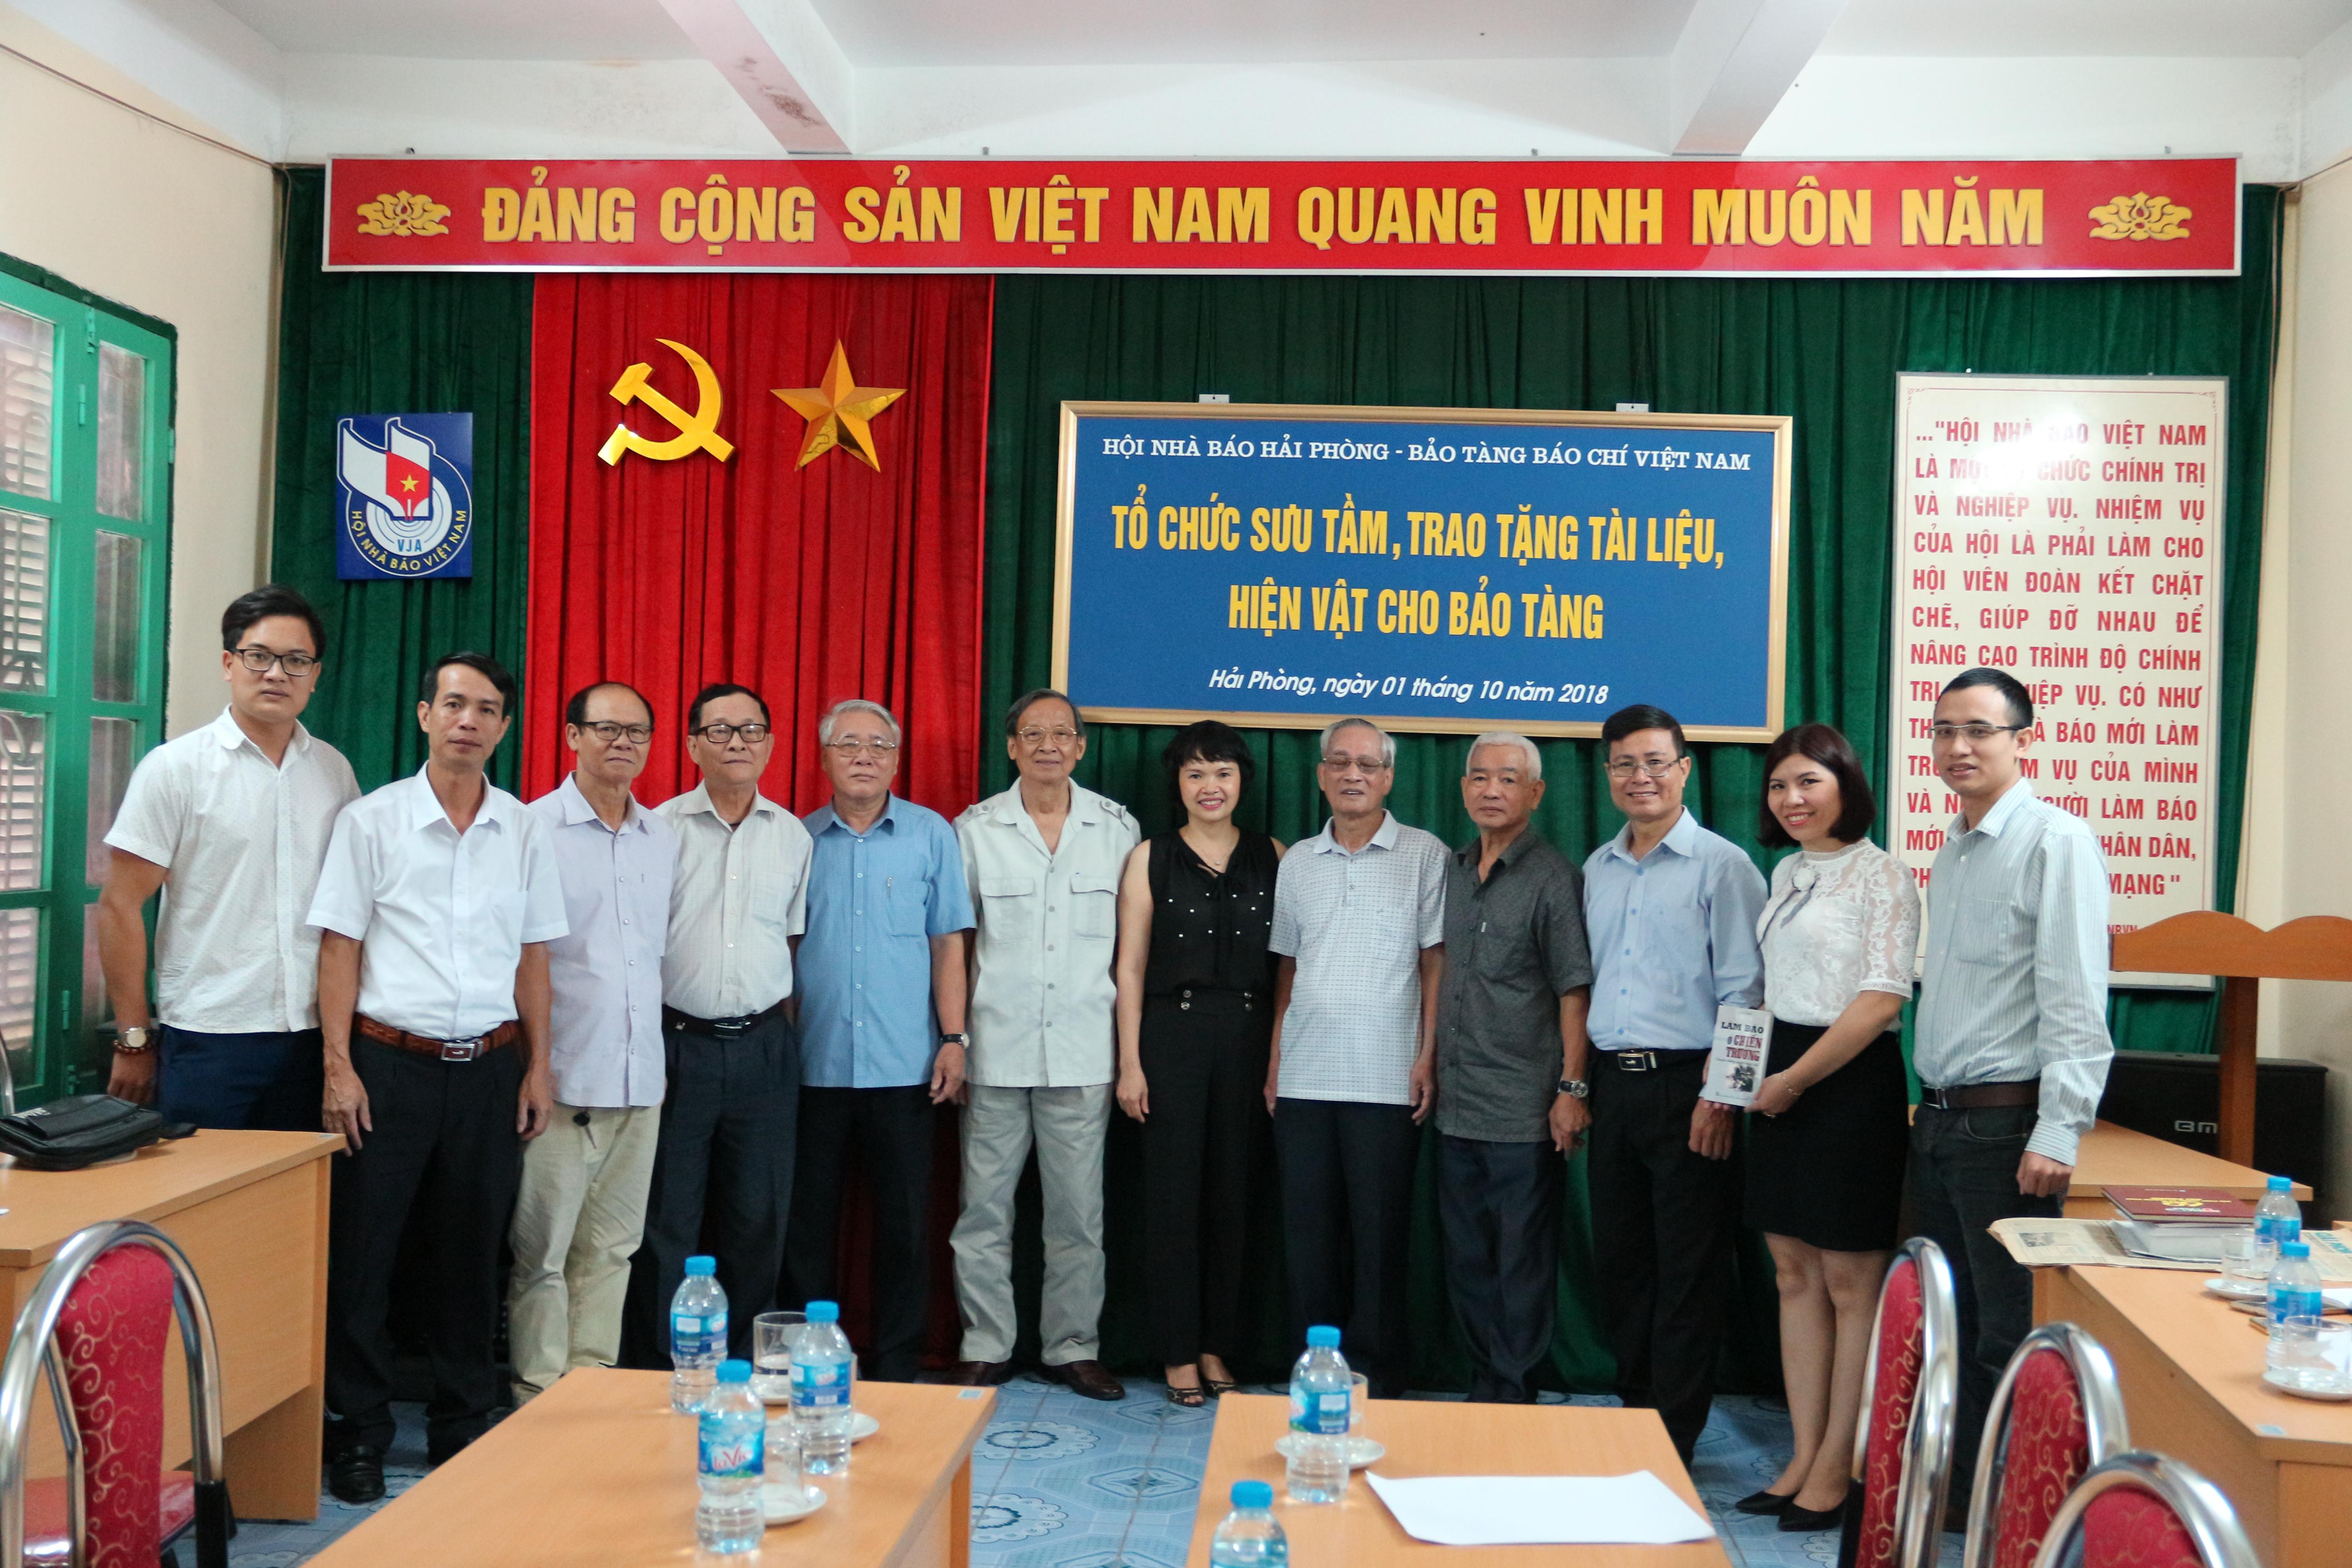 Bảo tàng Báo chí Việt Nam đón nhận tài liệu, hiện vật báo chí tại Hải Phòng